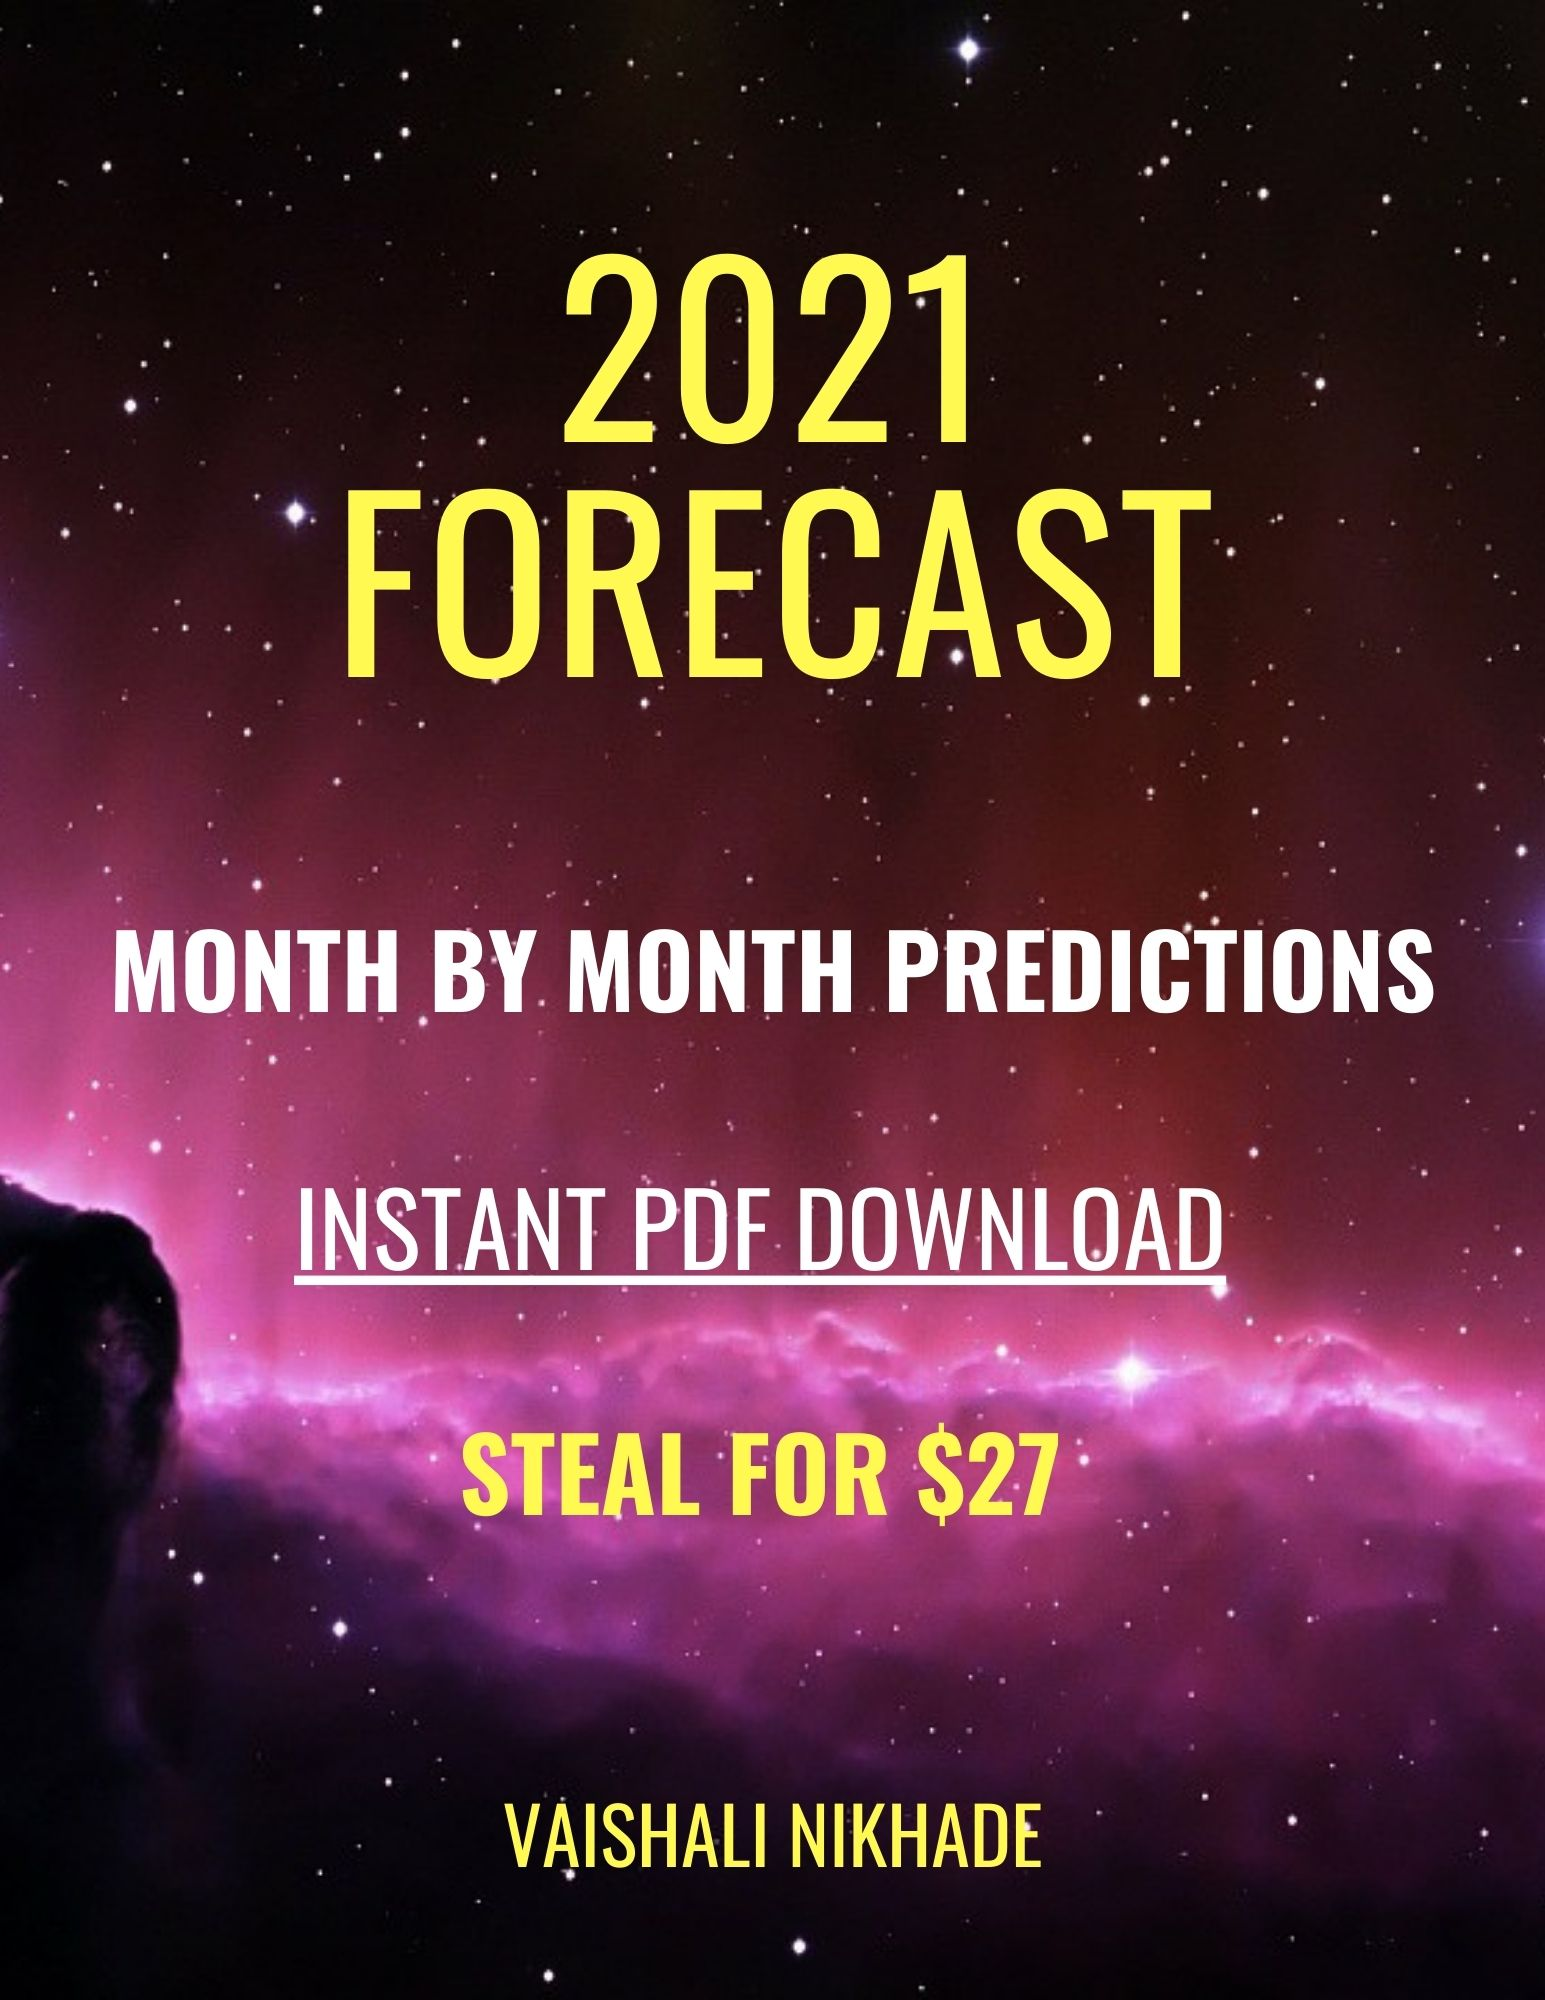 2021 forecast cover